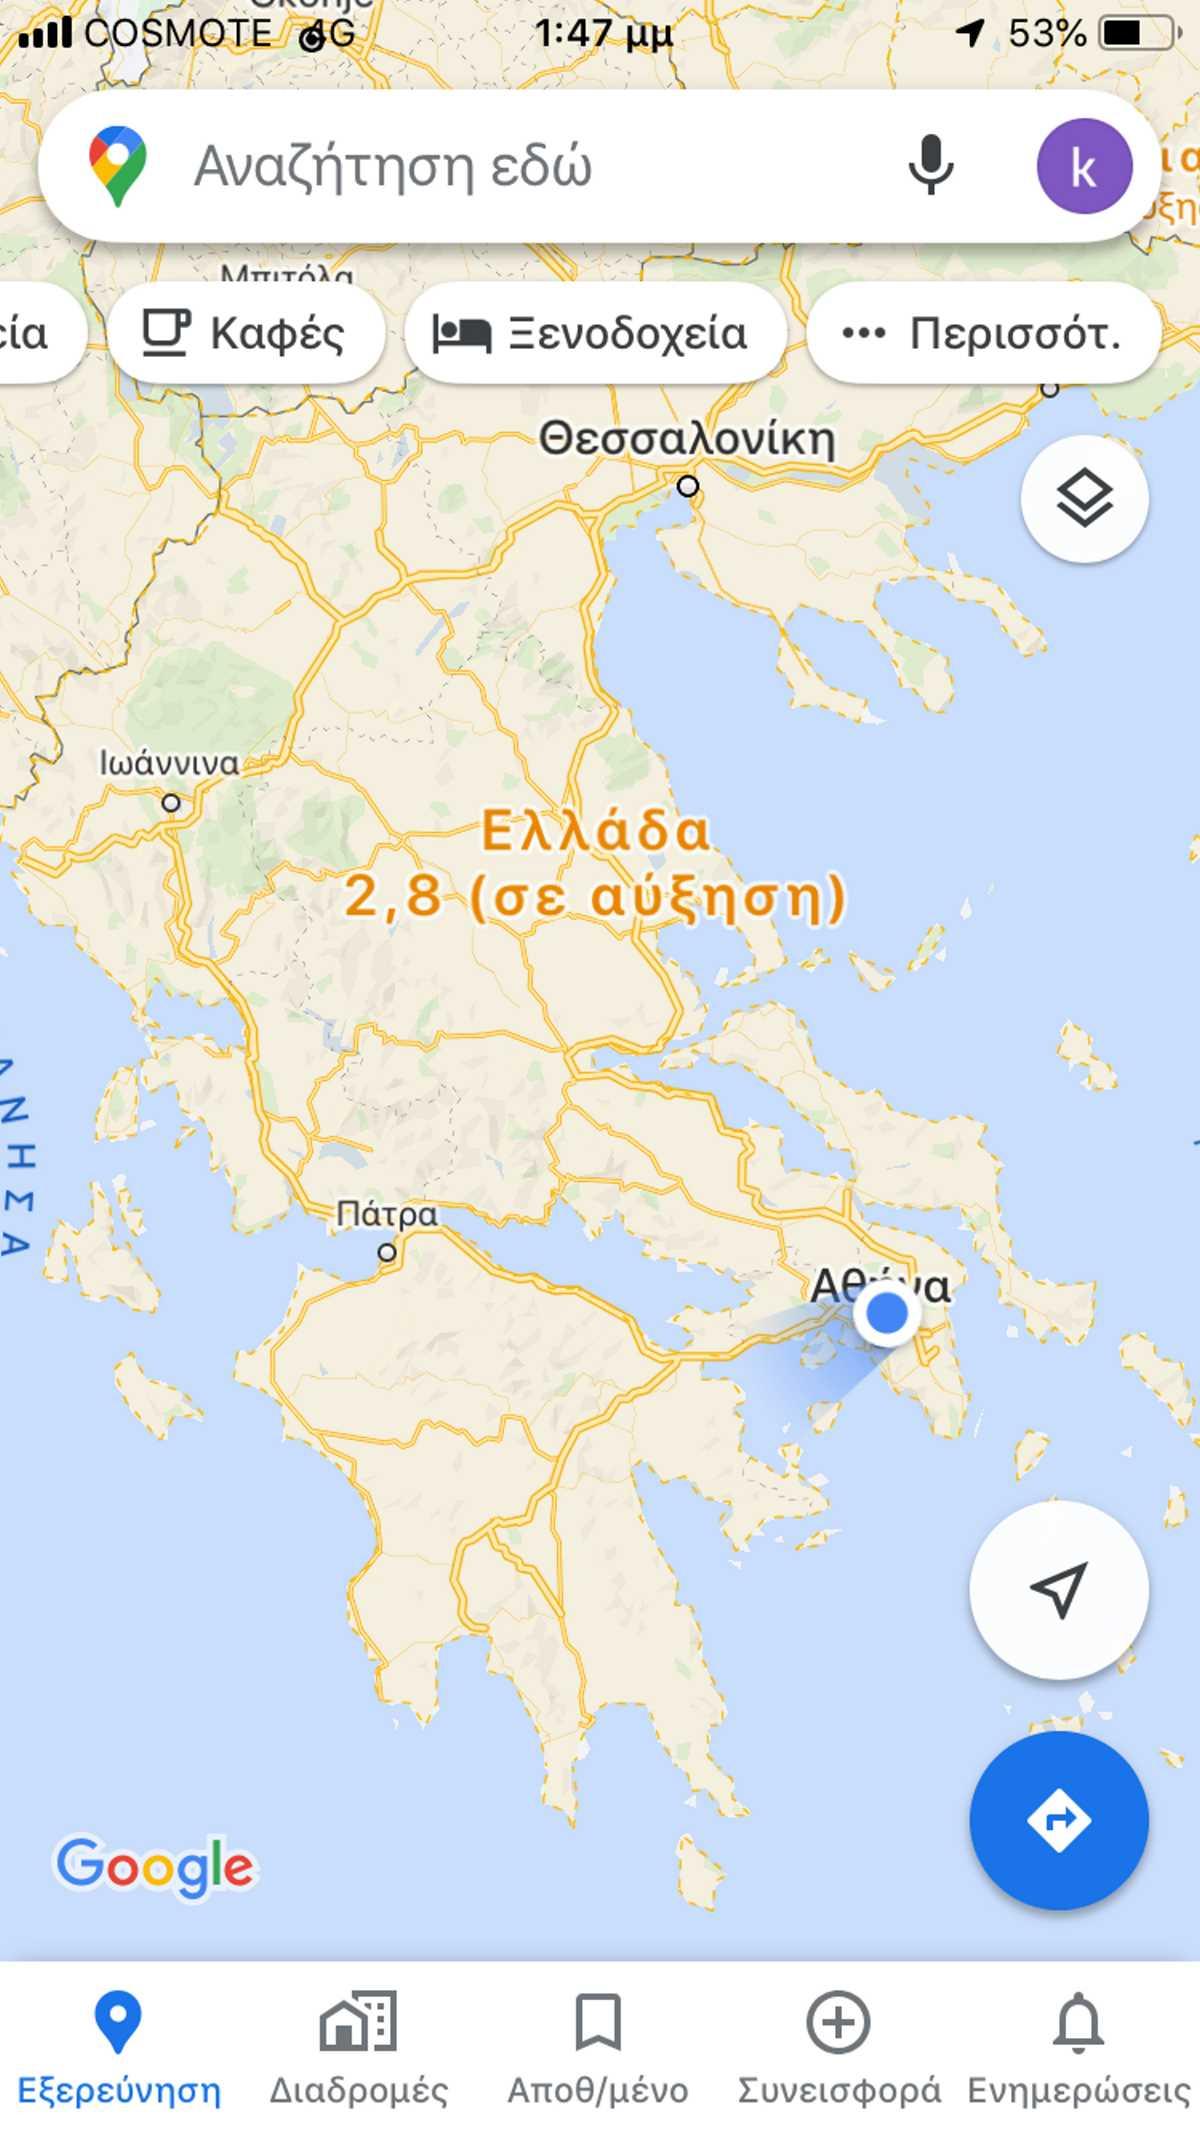 Κρούσματα  Covid-19 σύμφωνα με το google maps